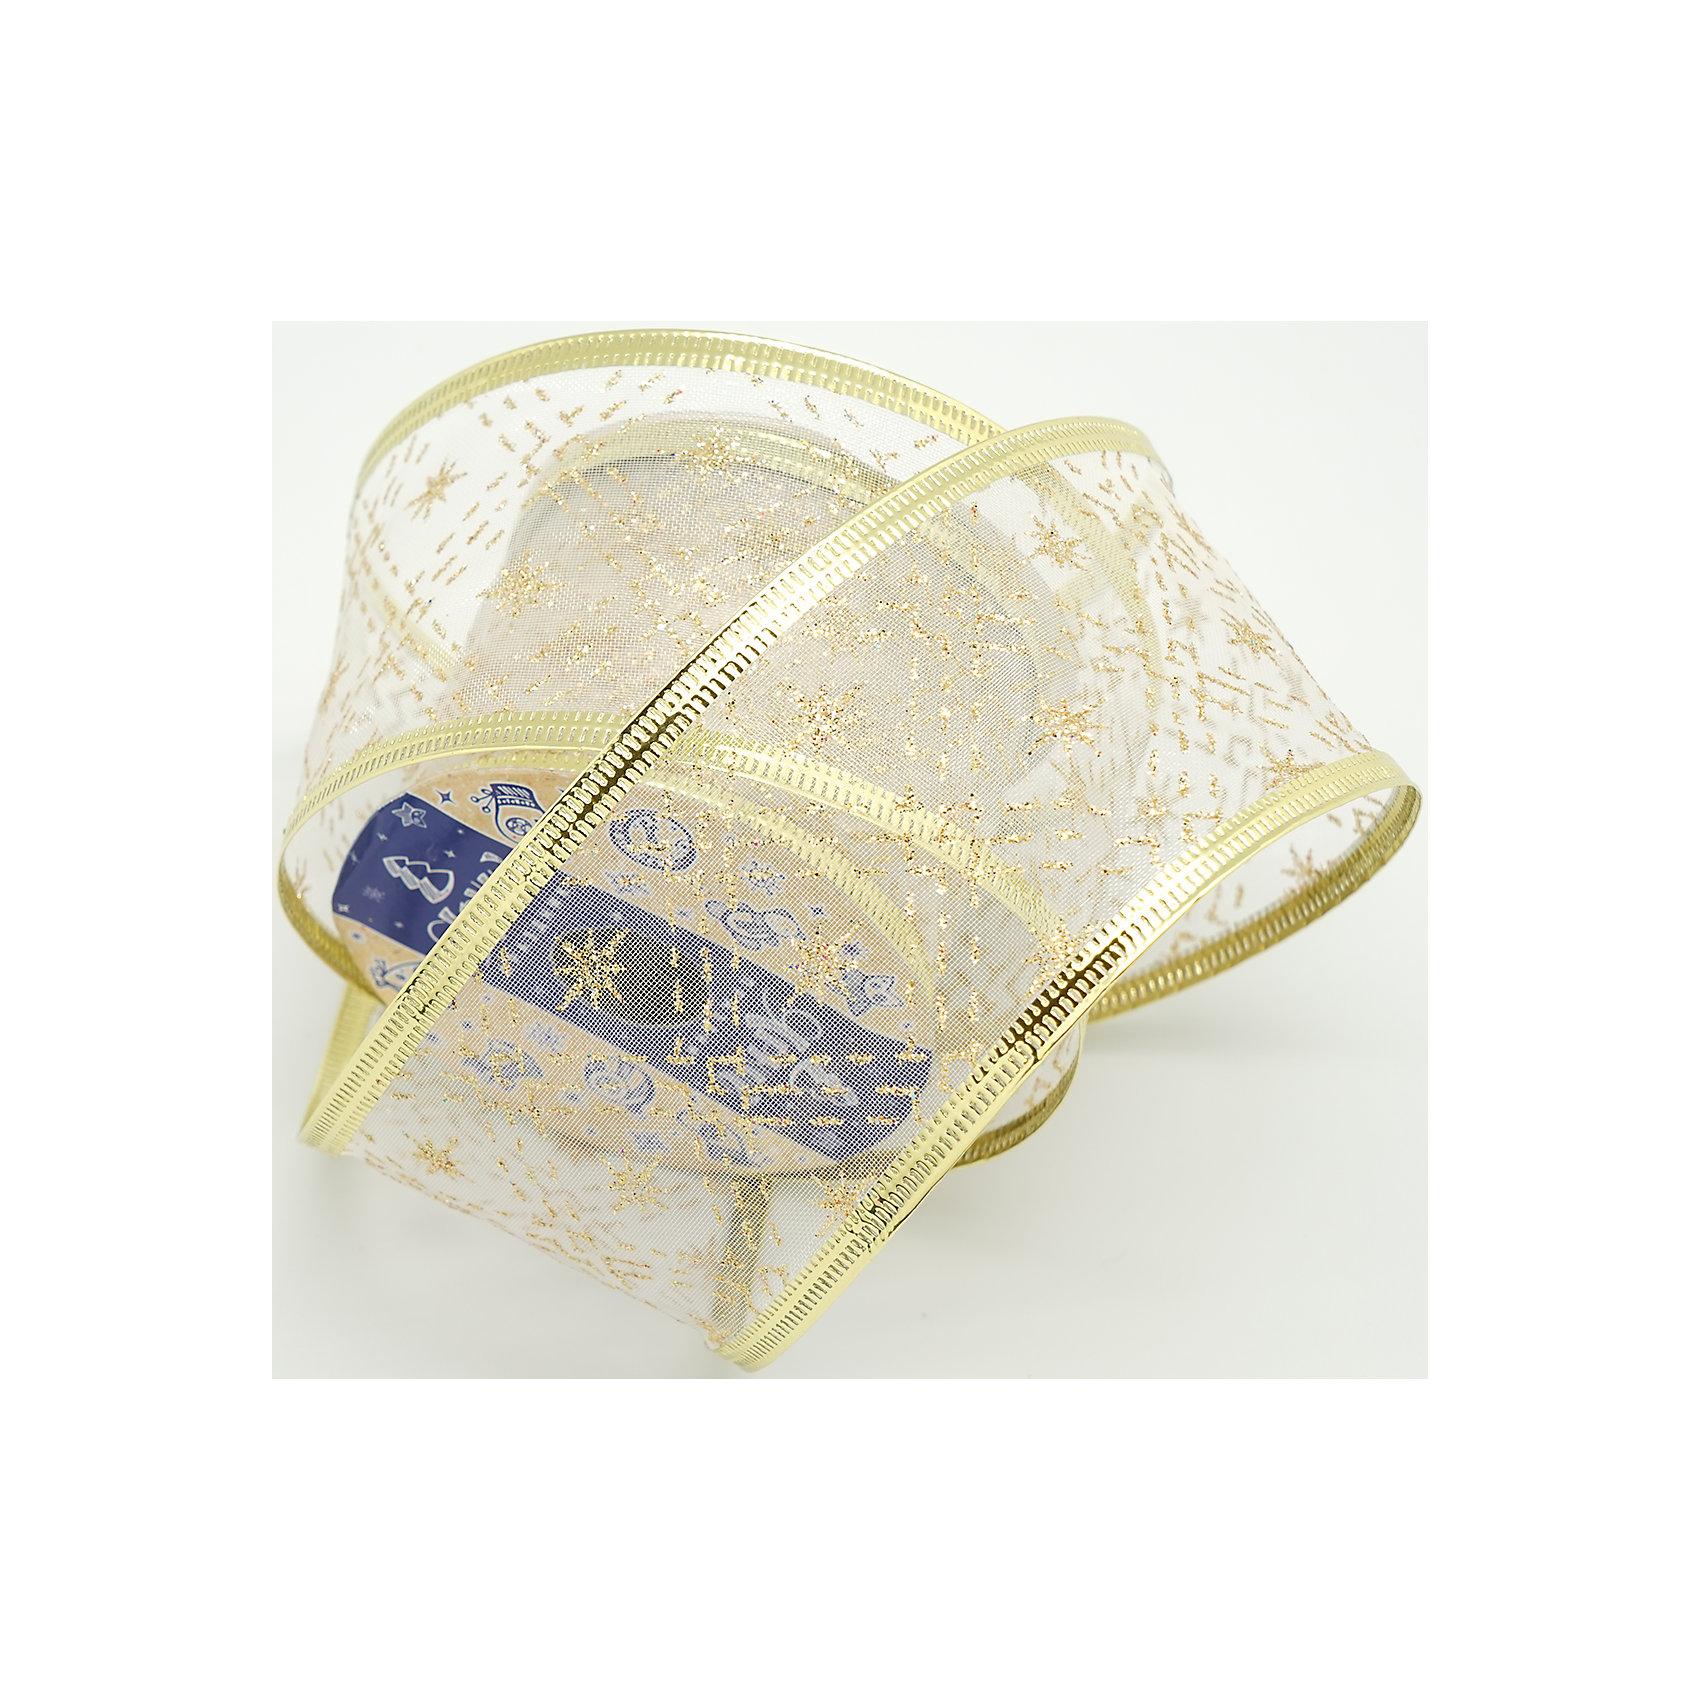 Декоративная лента, золотая кисея (0,08Х0,08Х0,06 м)лента 6 см декоративная категория 2 золотая кисея арт.16151Лента выполнена из нейлона и  предназначена для оформления цветочных букетов, подарочных коробок, пакетов. Кроме того, декоративная лента с успехом применяется для художественного оформления праздничной елки.<br><br>Ширина мм: 80<br>Глубина мм: 80<br>Высота мм: 60<br>Вес г: 0<br>Возраст от месяцев: 72<br>Возраст до месяцев: 480<br>Пол: Унисекс<br>Возраст: Детский<br>SKU: 5051657